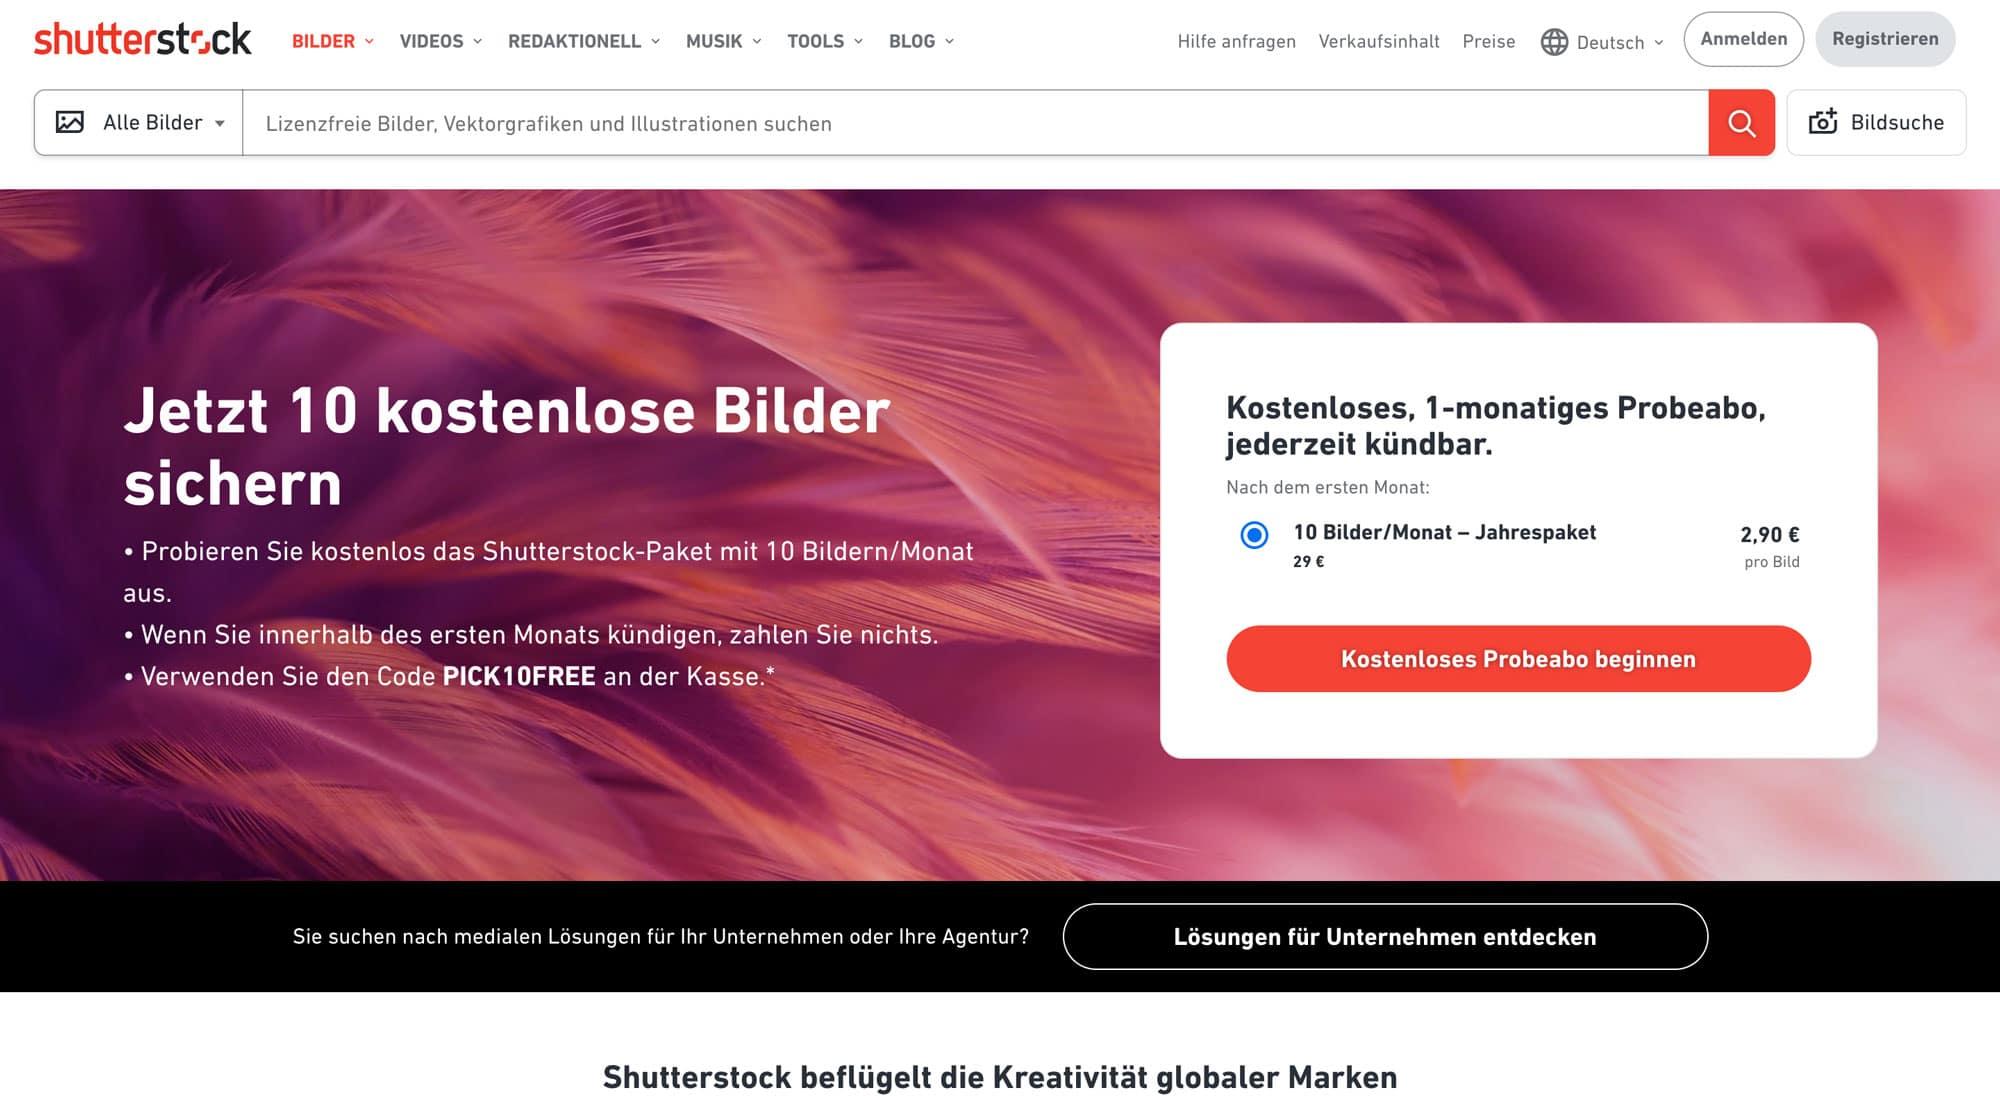 Shutterstock ist eine tolle Premium-Bilddatenbank